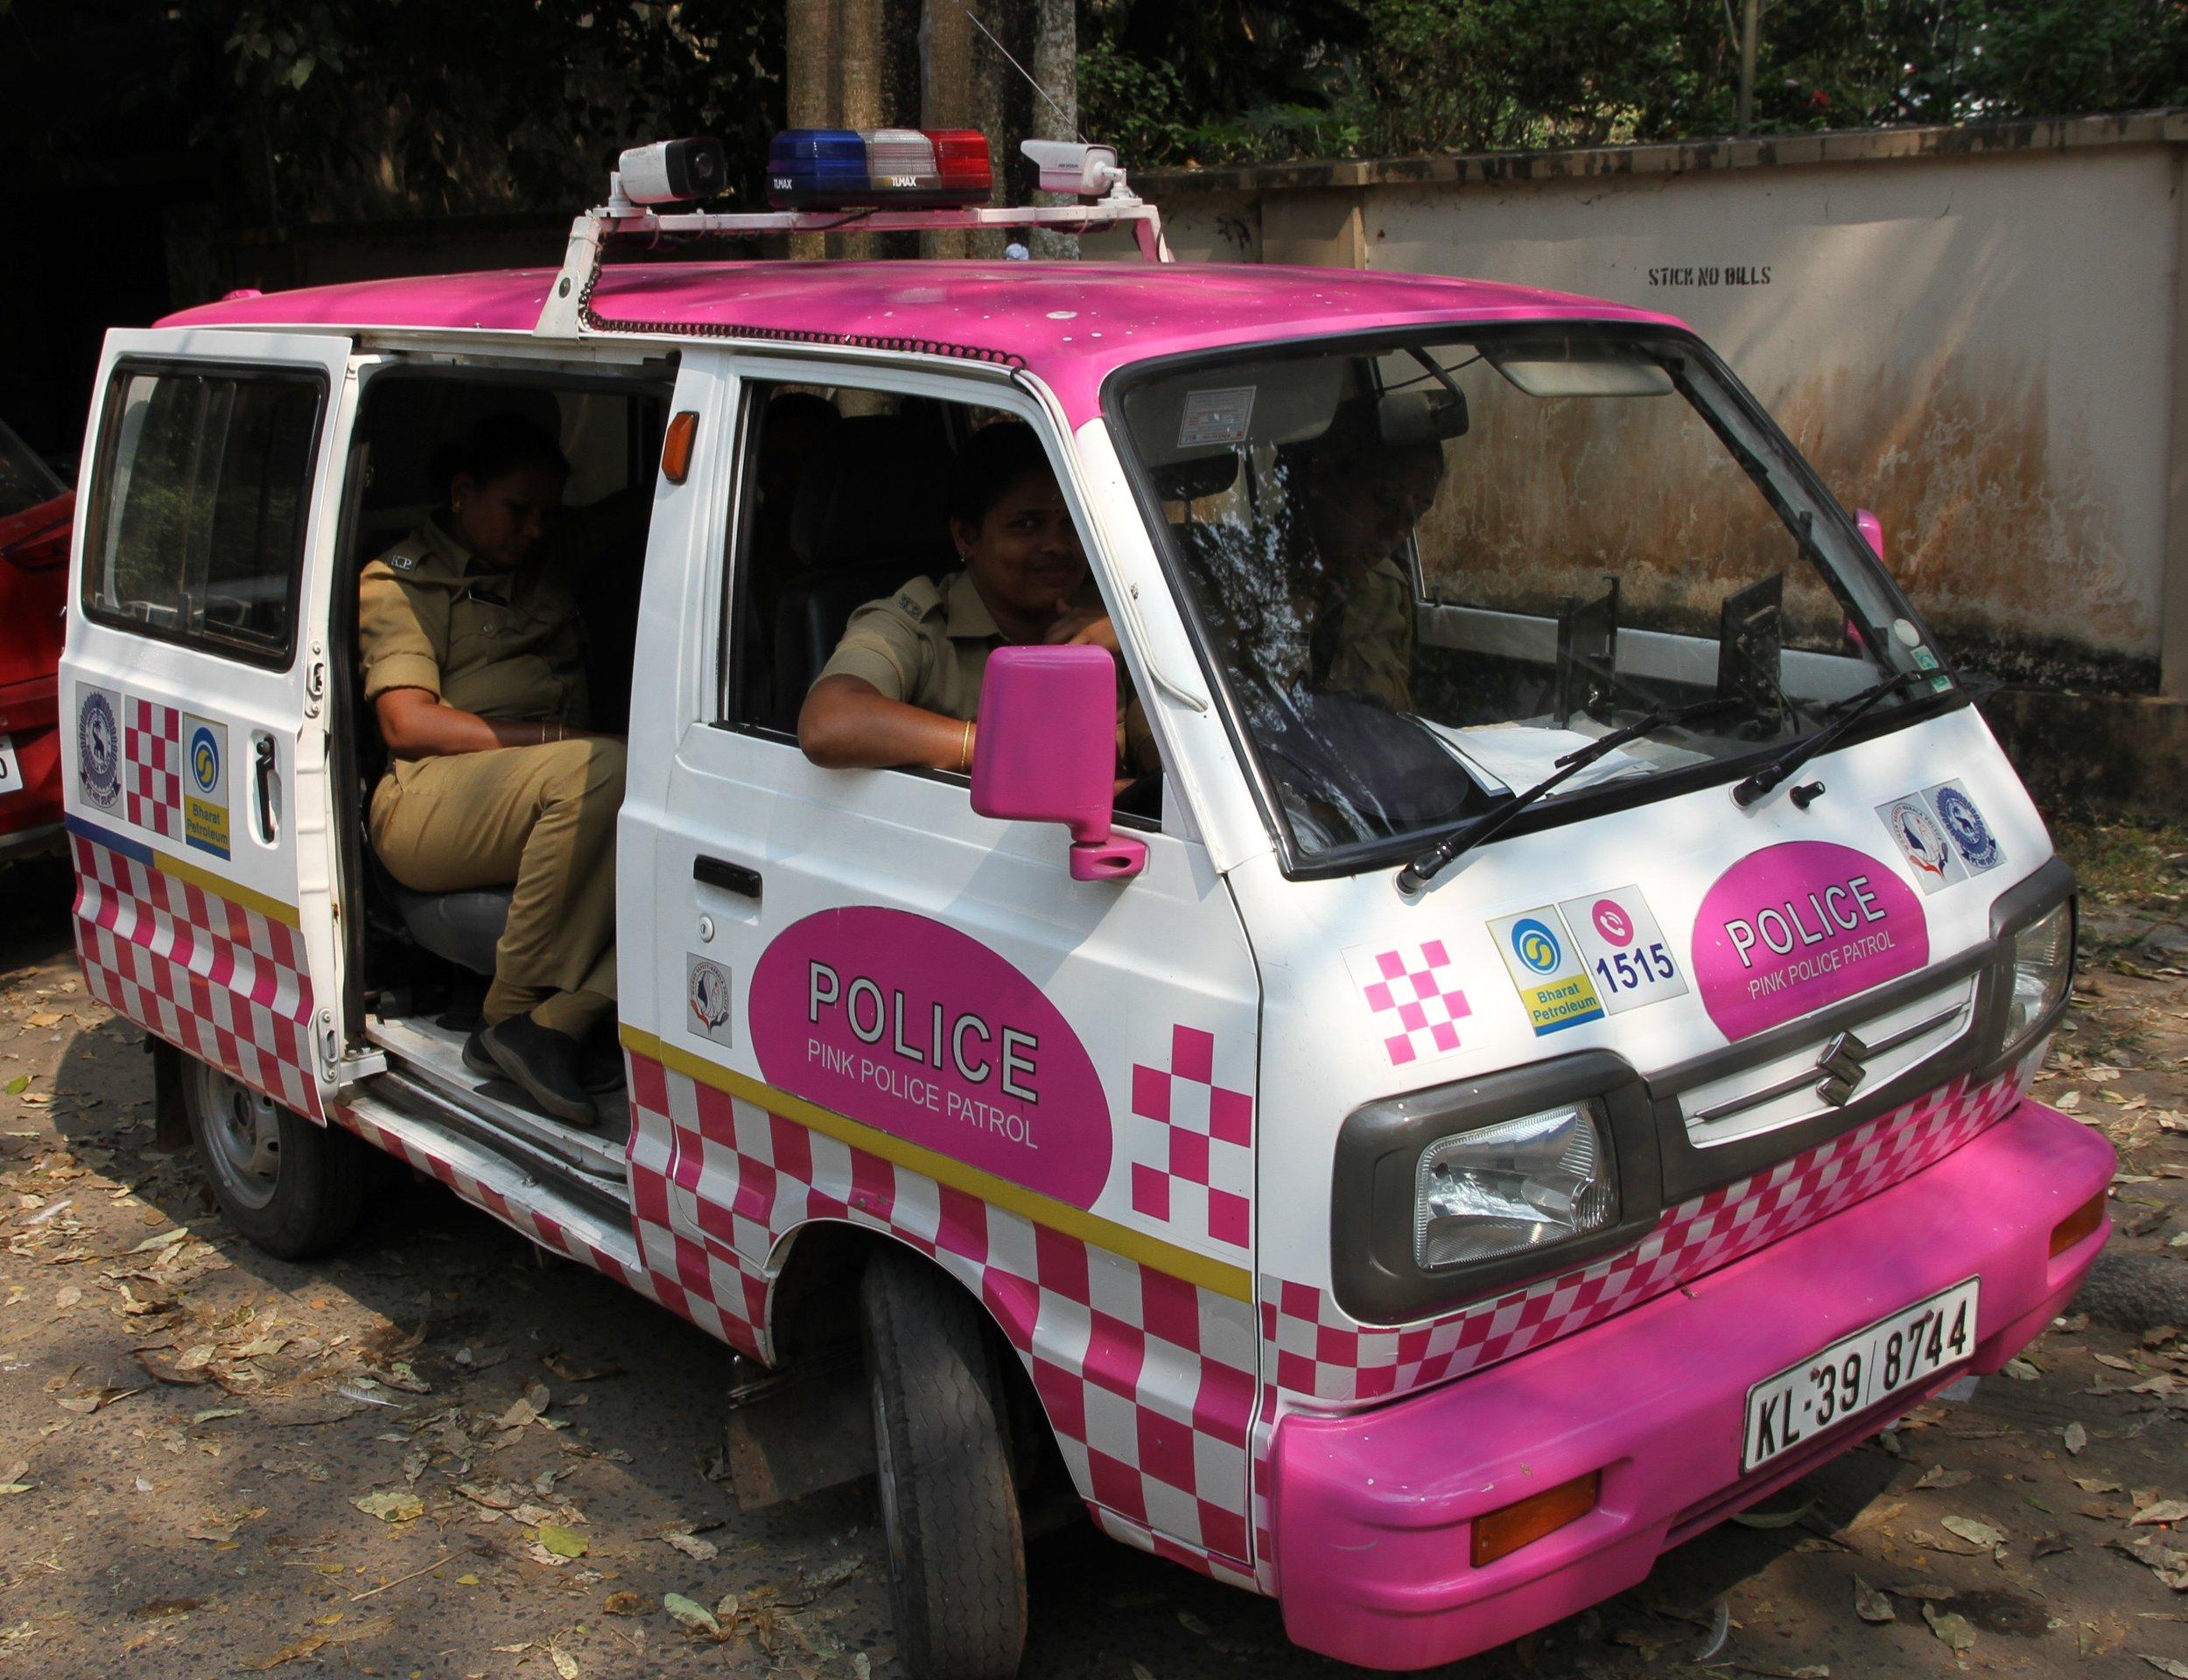 En ole ihan varma mikä on poliisin tehtävä tässä maassa, sillä liikennettä on ihan turha valvoa... Mutta ainakin heillä on itseironiaa ;)